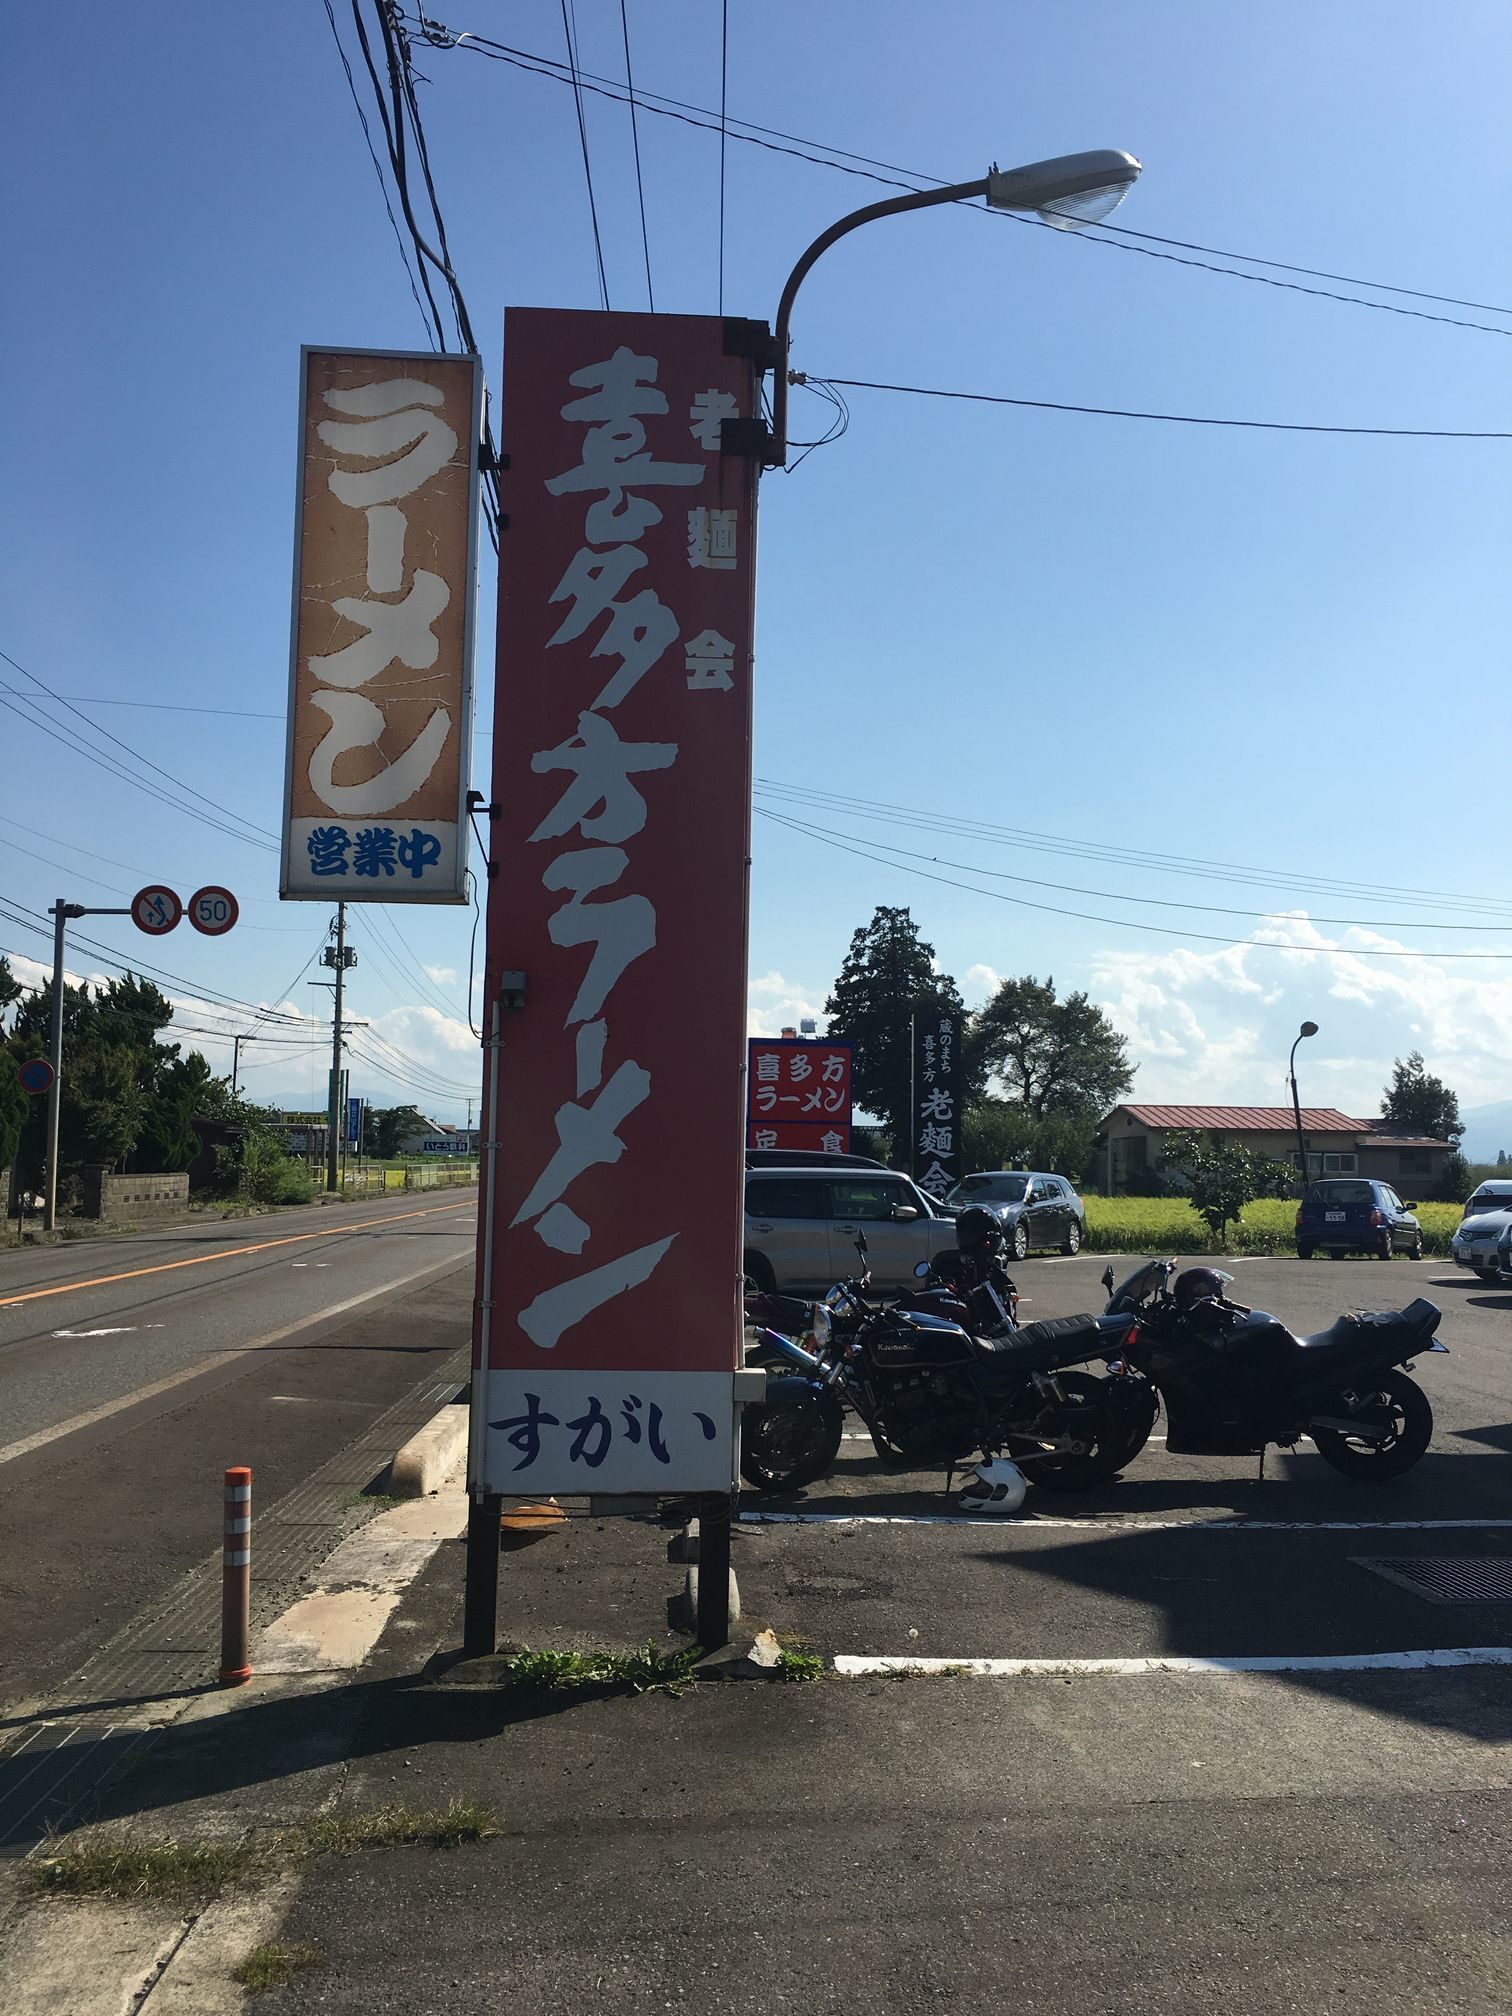 んまいもんシリーズ 2017年秋 宮城~福島旅行編_f0128542_02380482.jpg